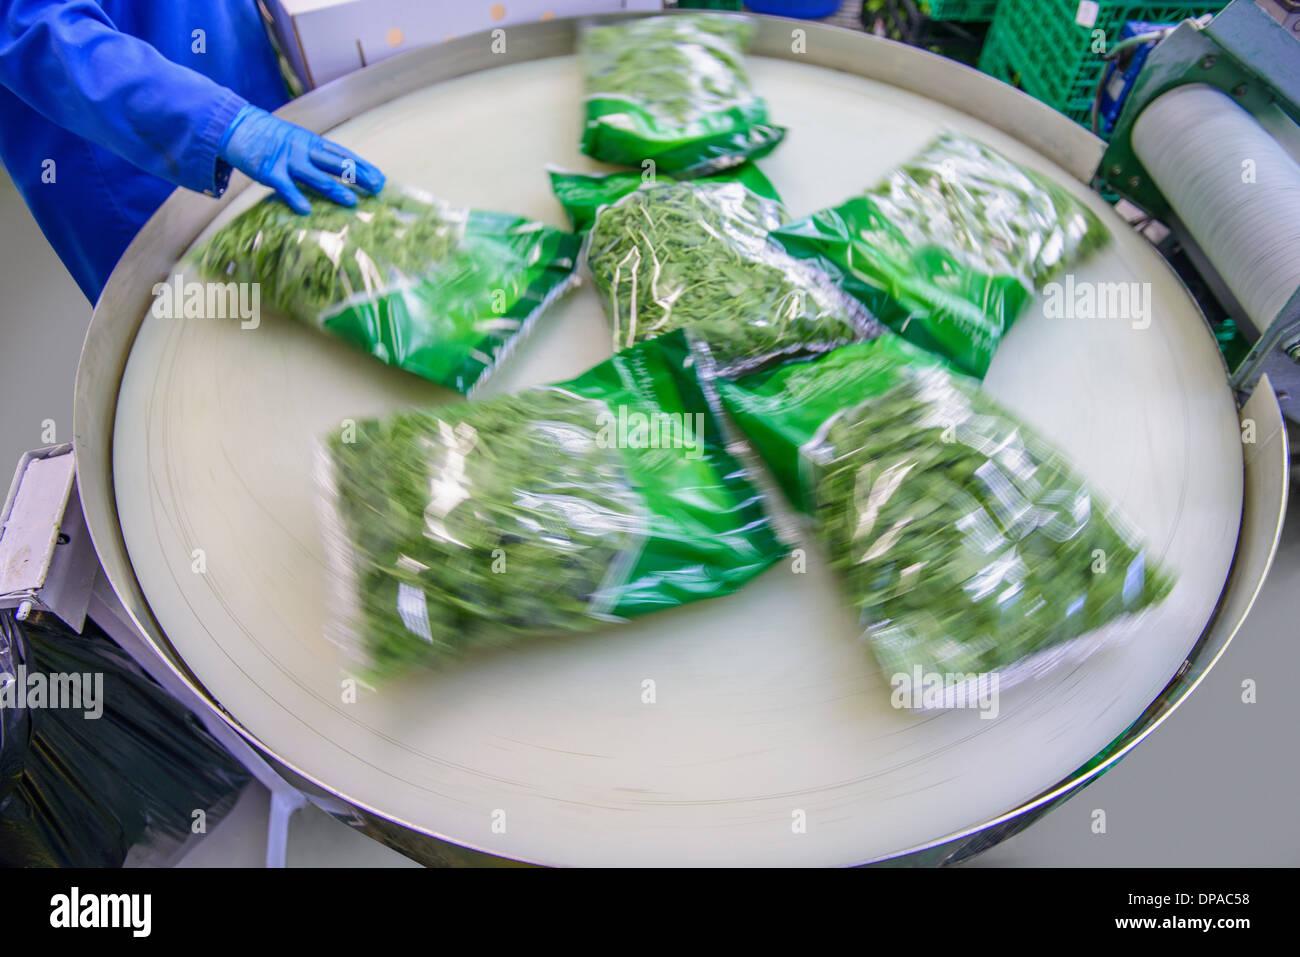 Pacchetti di insalata mista lascia sulla linea di produzione in azienda di erbe Immagini Stock